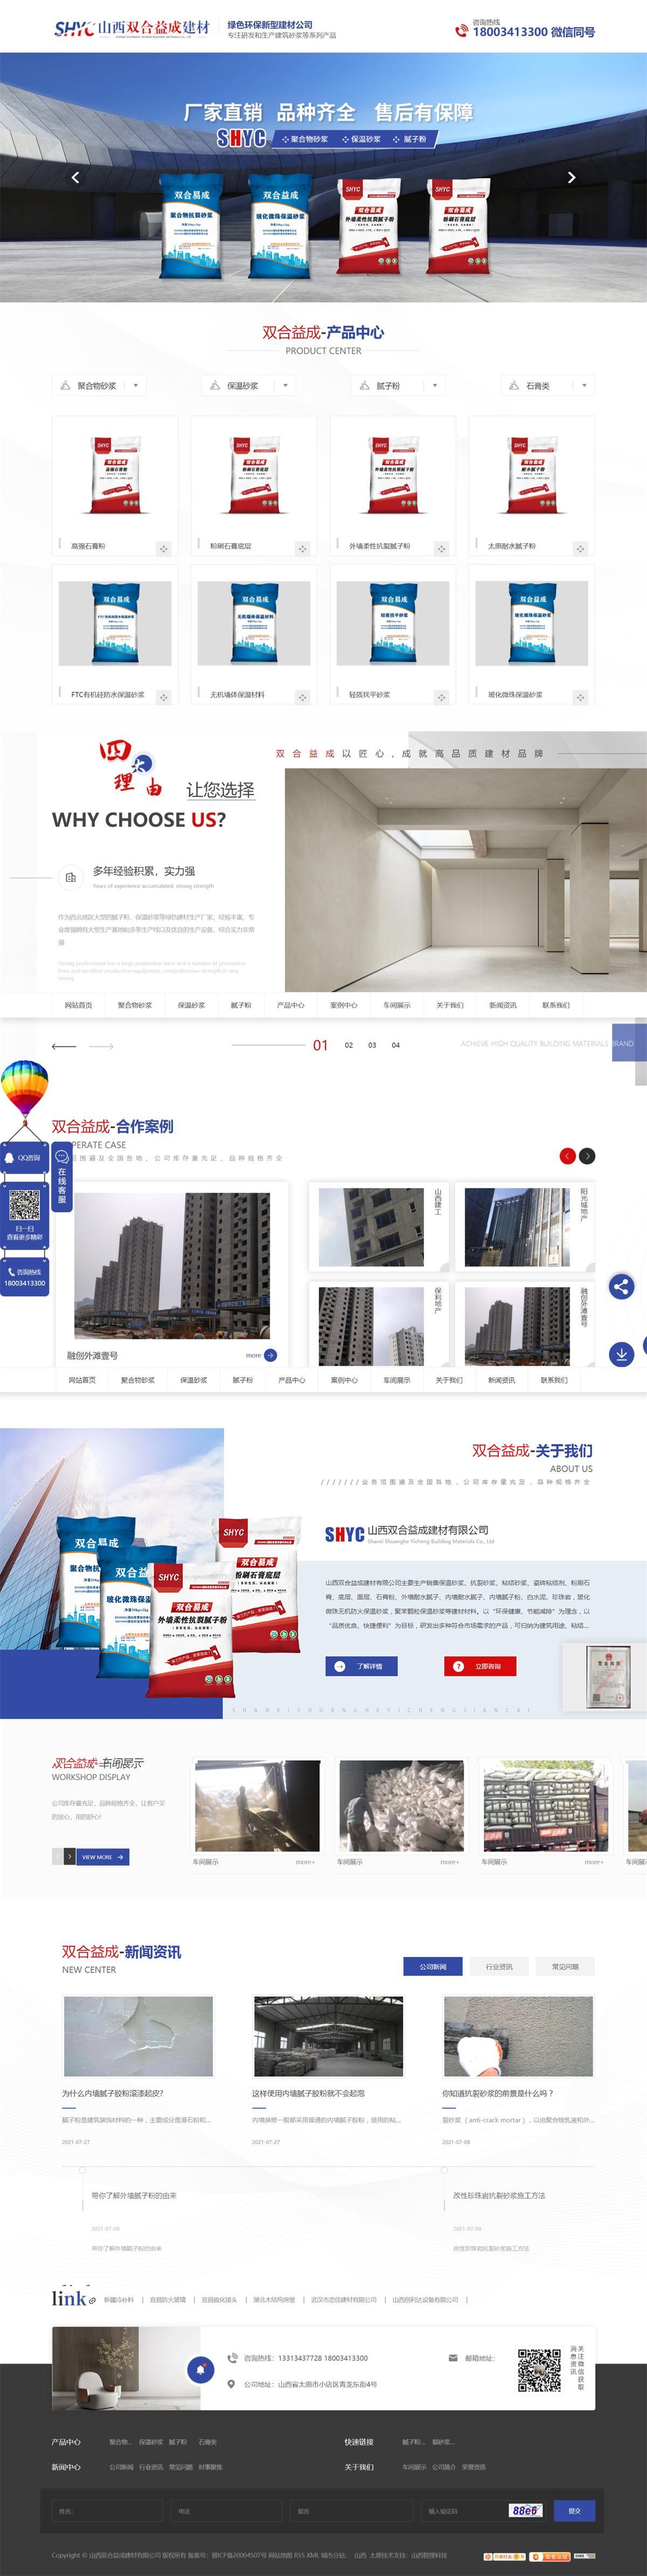 山西双合益成建材有限公司|营销型网站案例